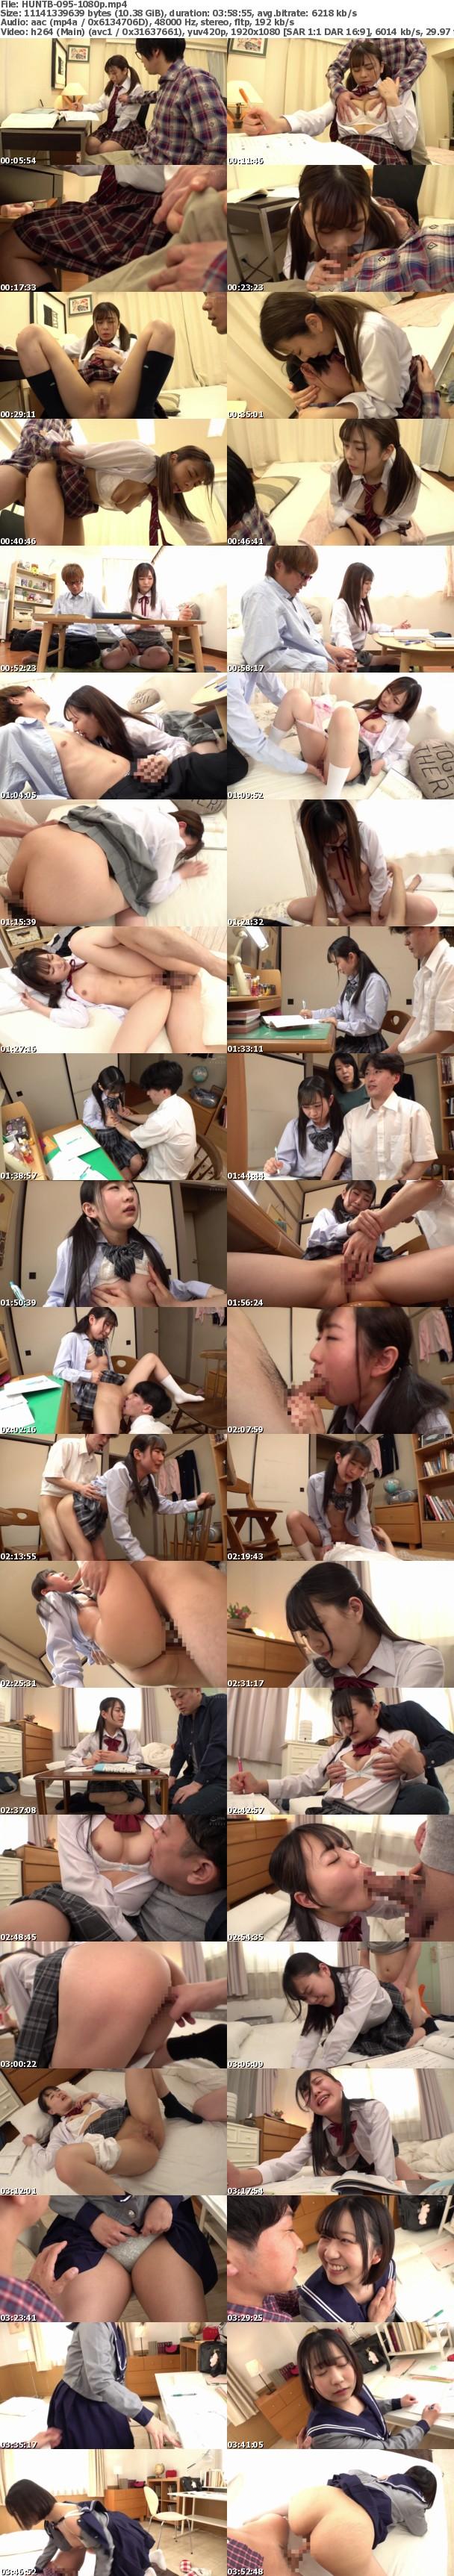 (Full HD) HUNTB-095 「勉強がんばるからエッチなこと教えて欲しいです…」真面目な女子○生が家庭教師のボクにエッチなお願い!勉強とエッチの両方を教えることになった…